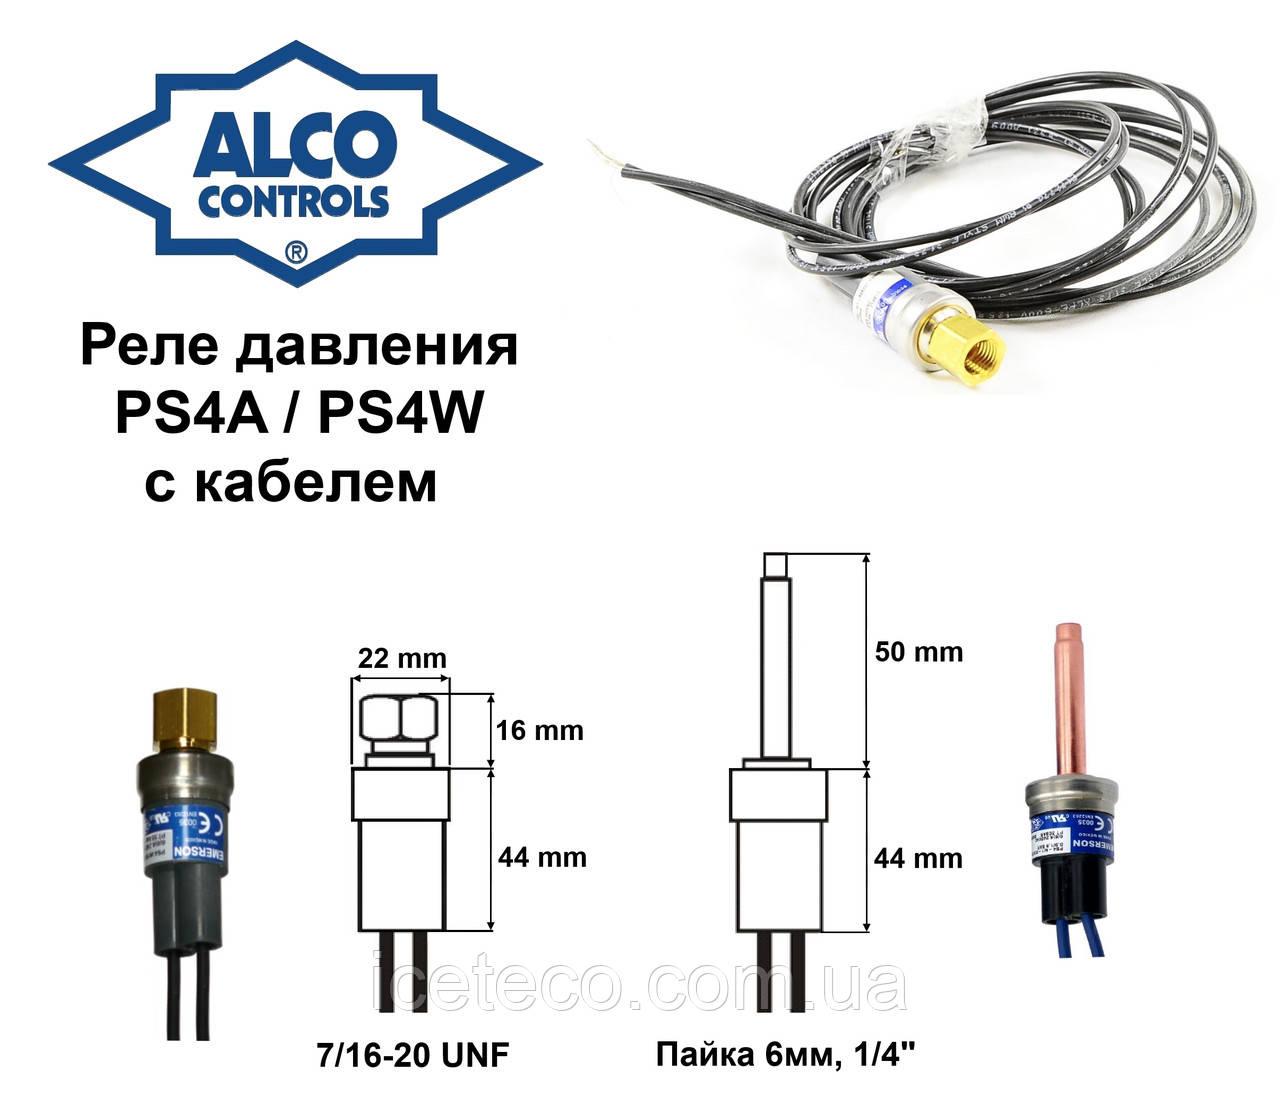 Реле высокого давления (48/34) с автоматическим сбросом PS4-A1 (808275) Alco Controls